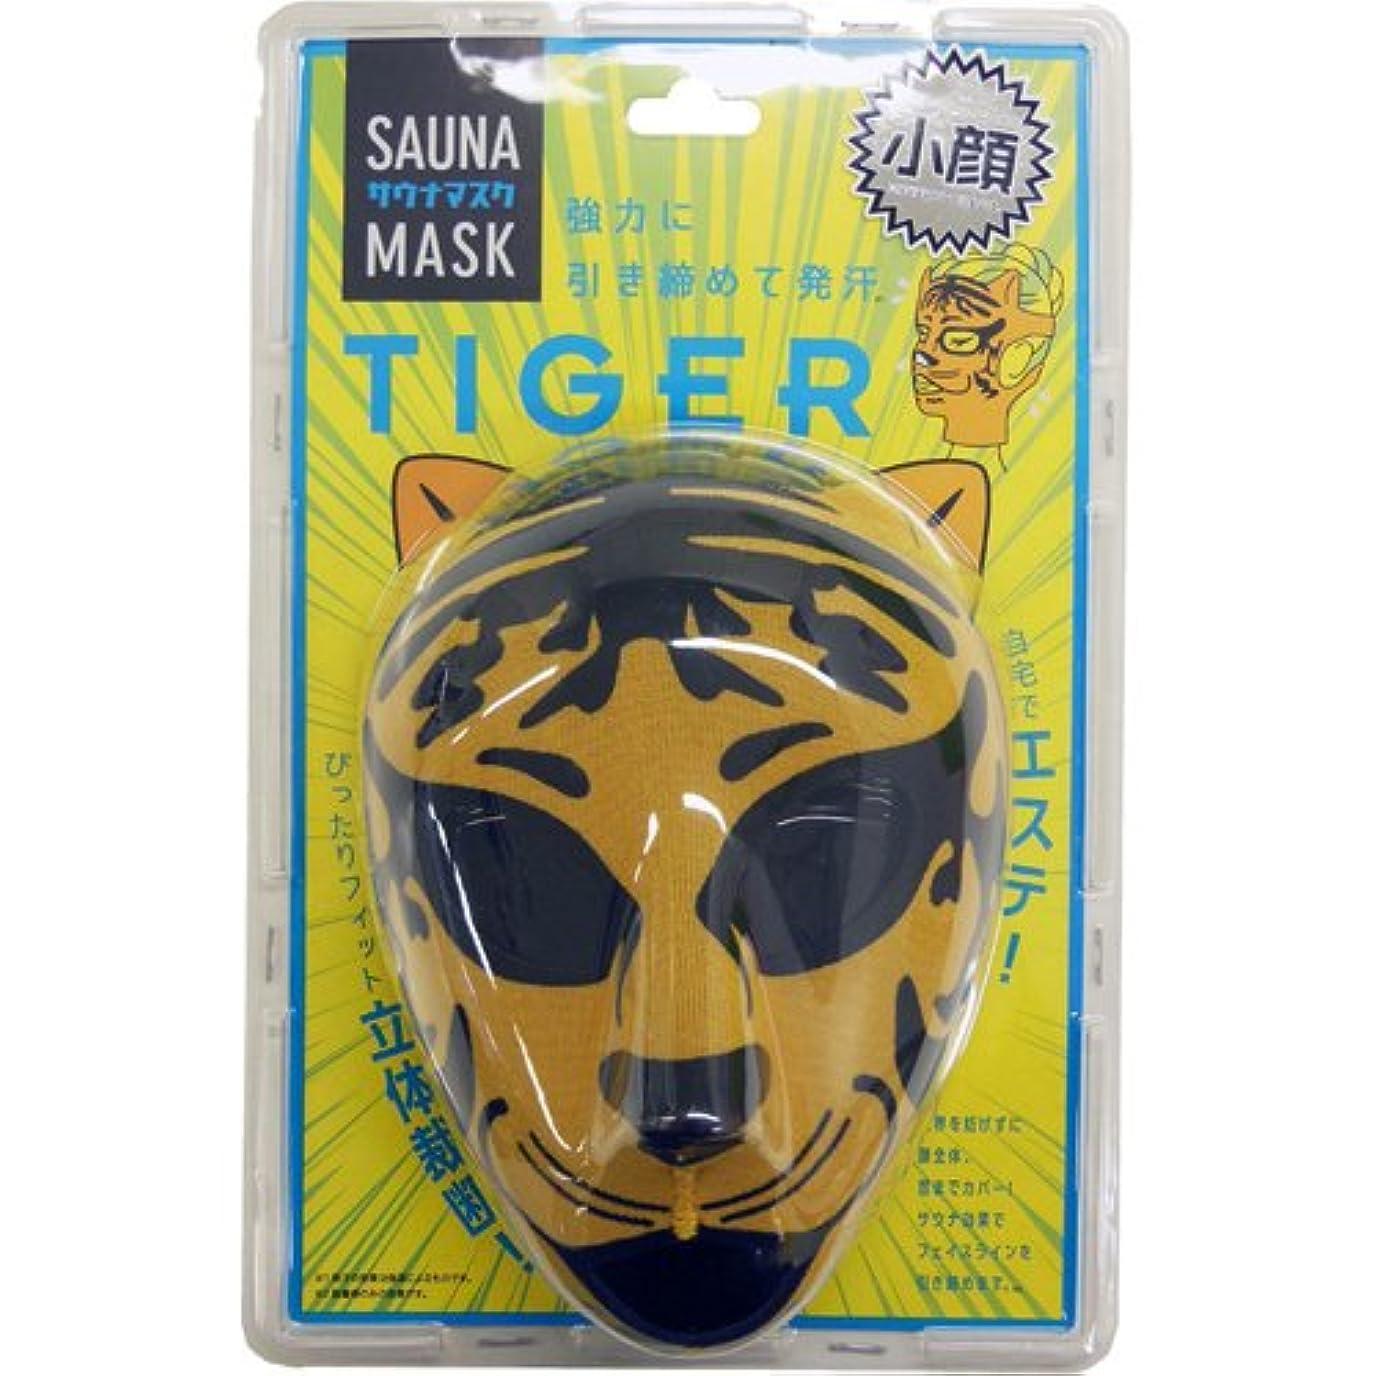 完全に乾く今晩上コジット サウナマスク TIGER (1個)